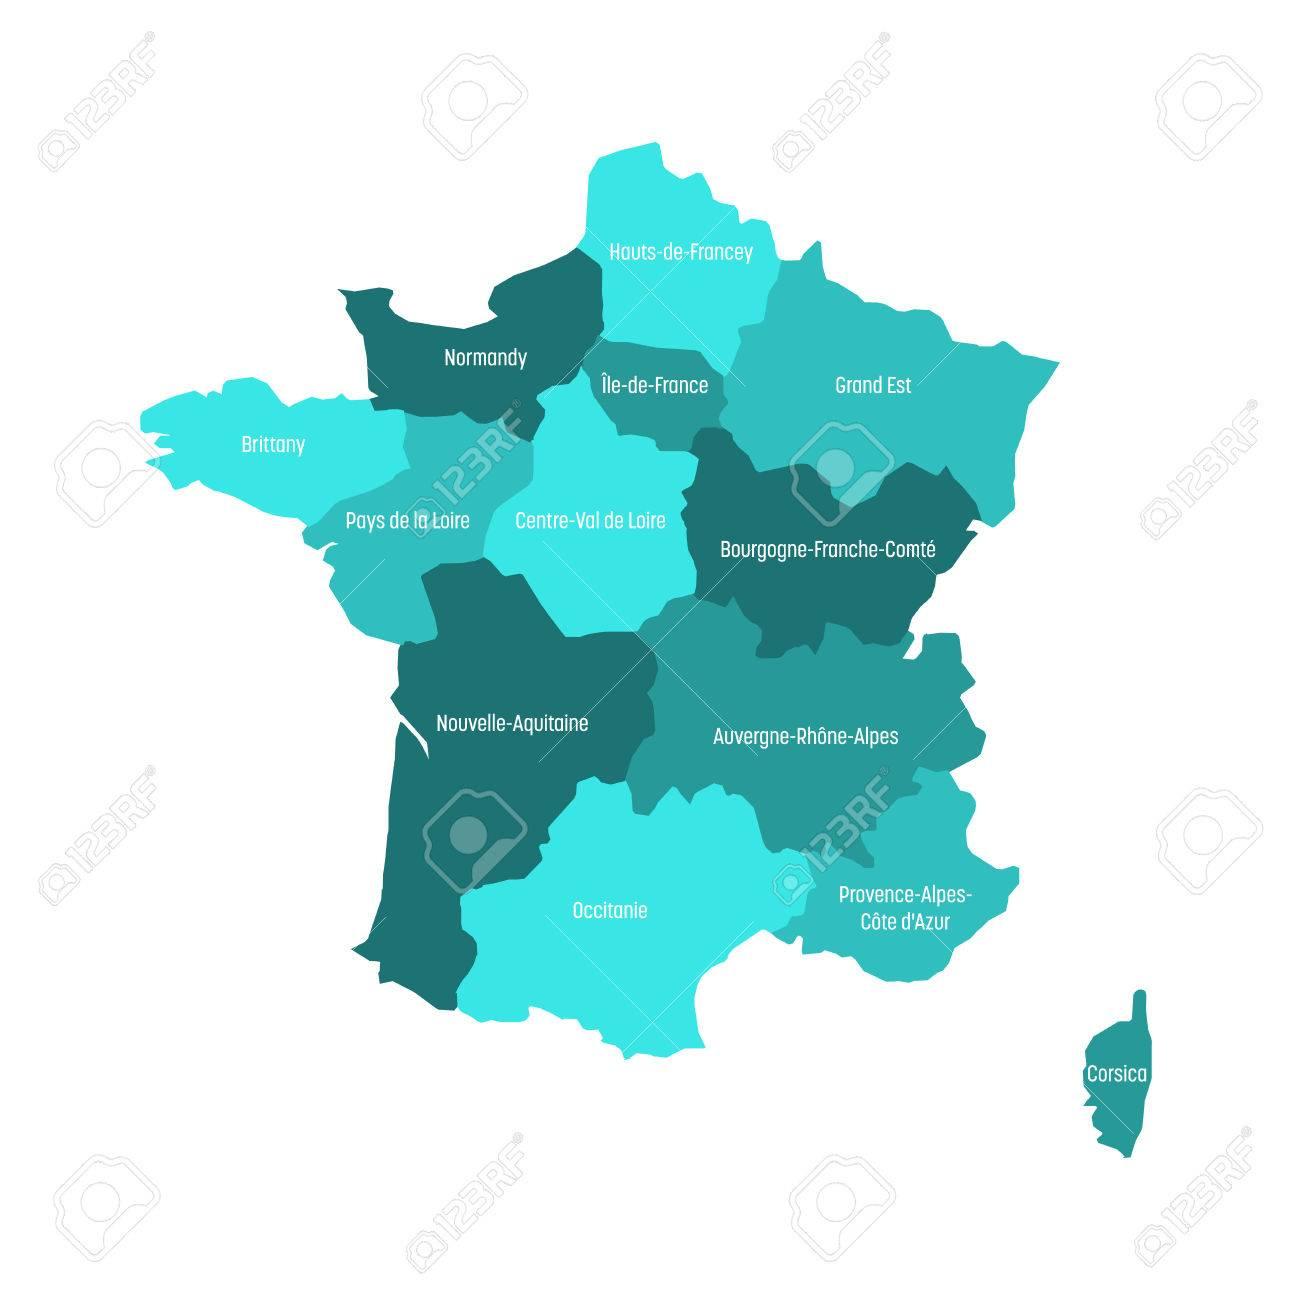 Carte De France Divisée En 13 Régions Métropolitaines Administratives,  Depuis 2016. Quatre Nuances De Vert. Illustration Vectorielle. dedans Carte Des 13 Régions